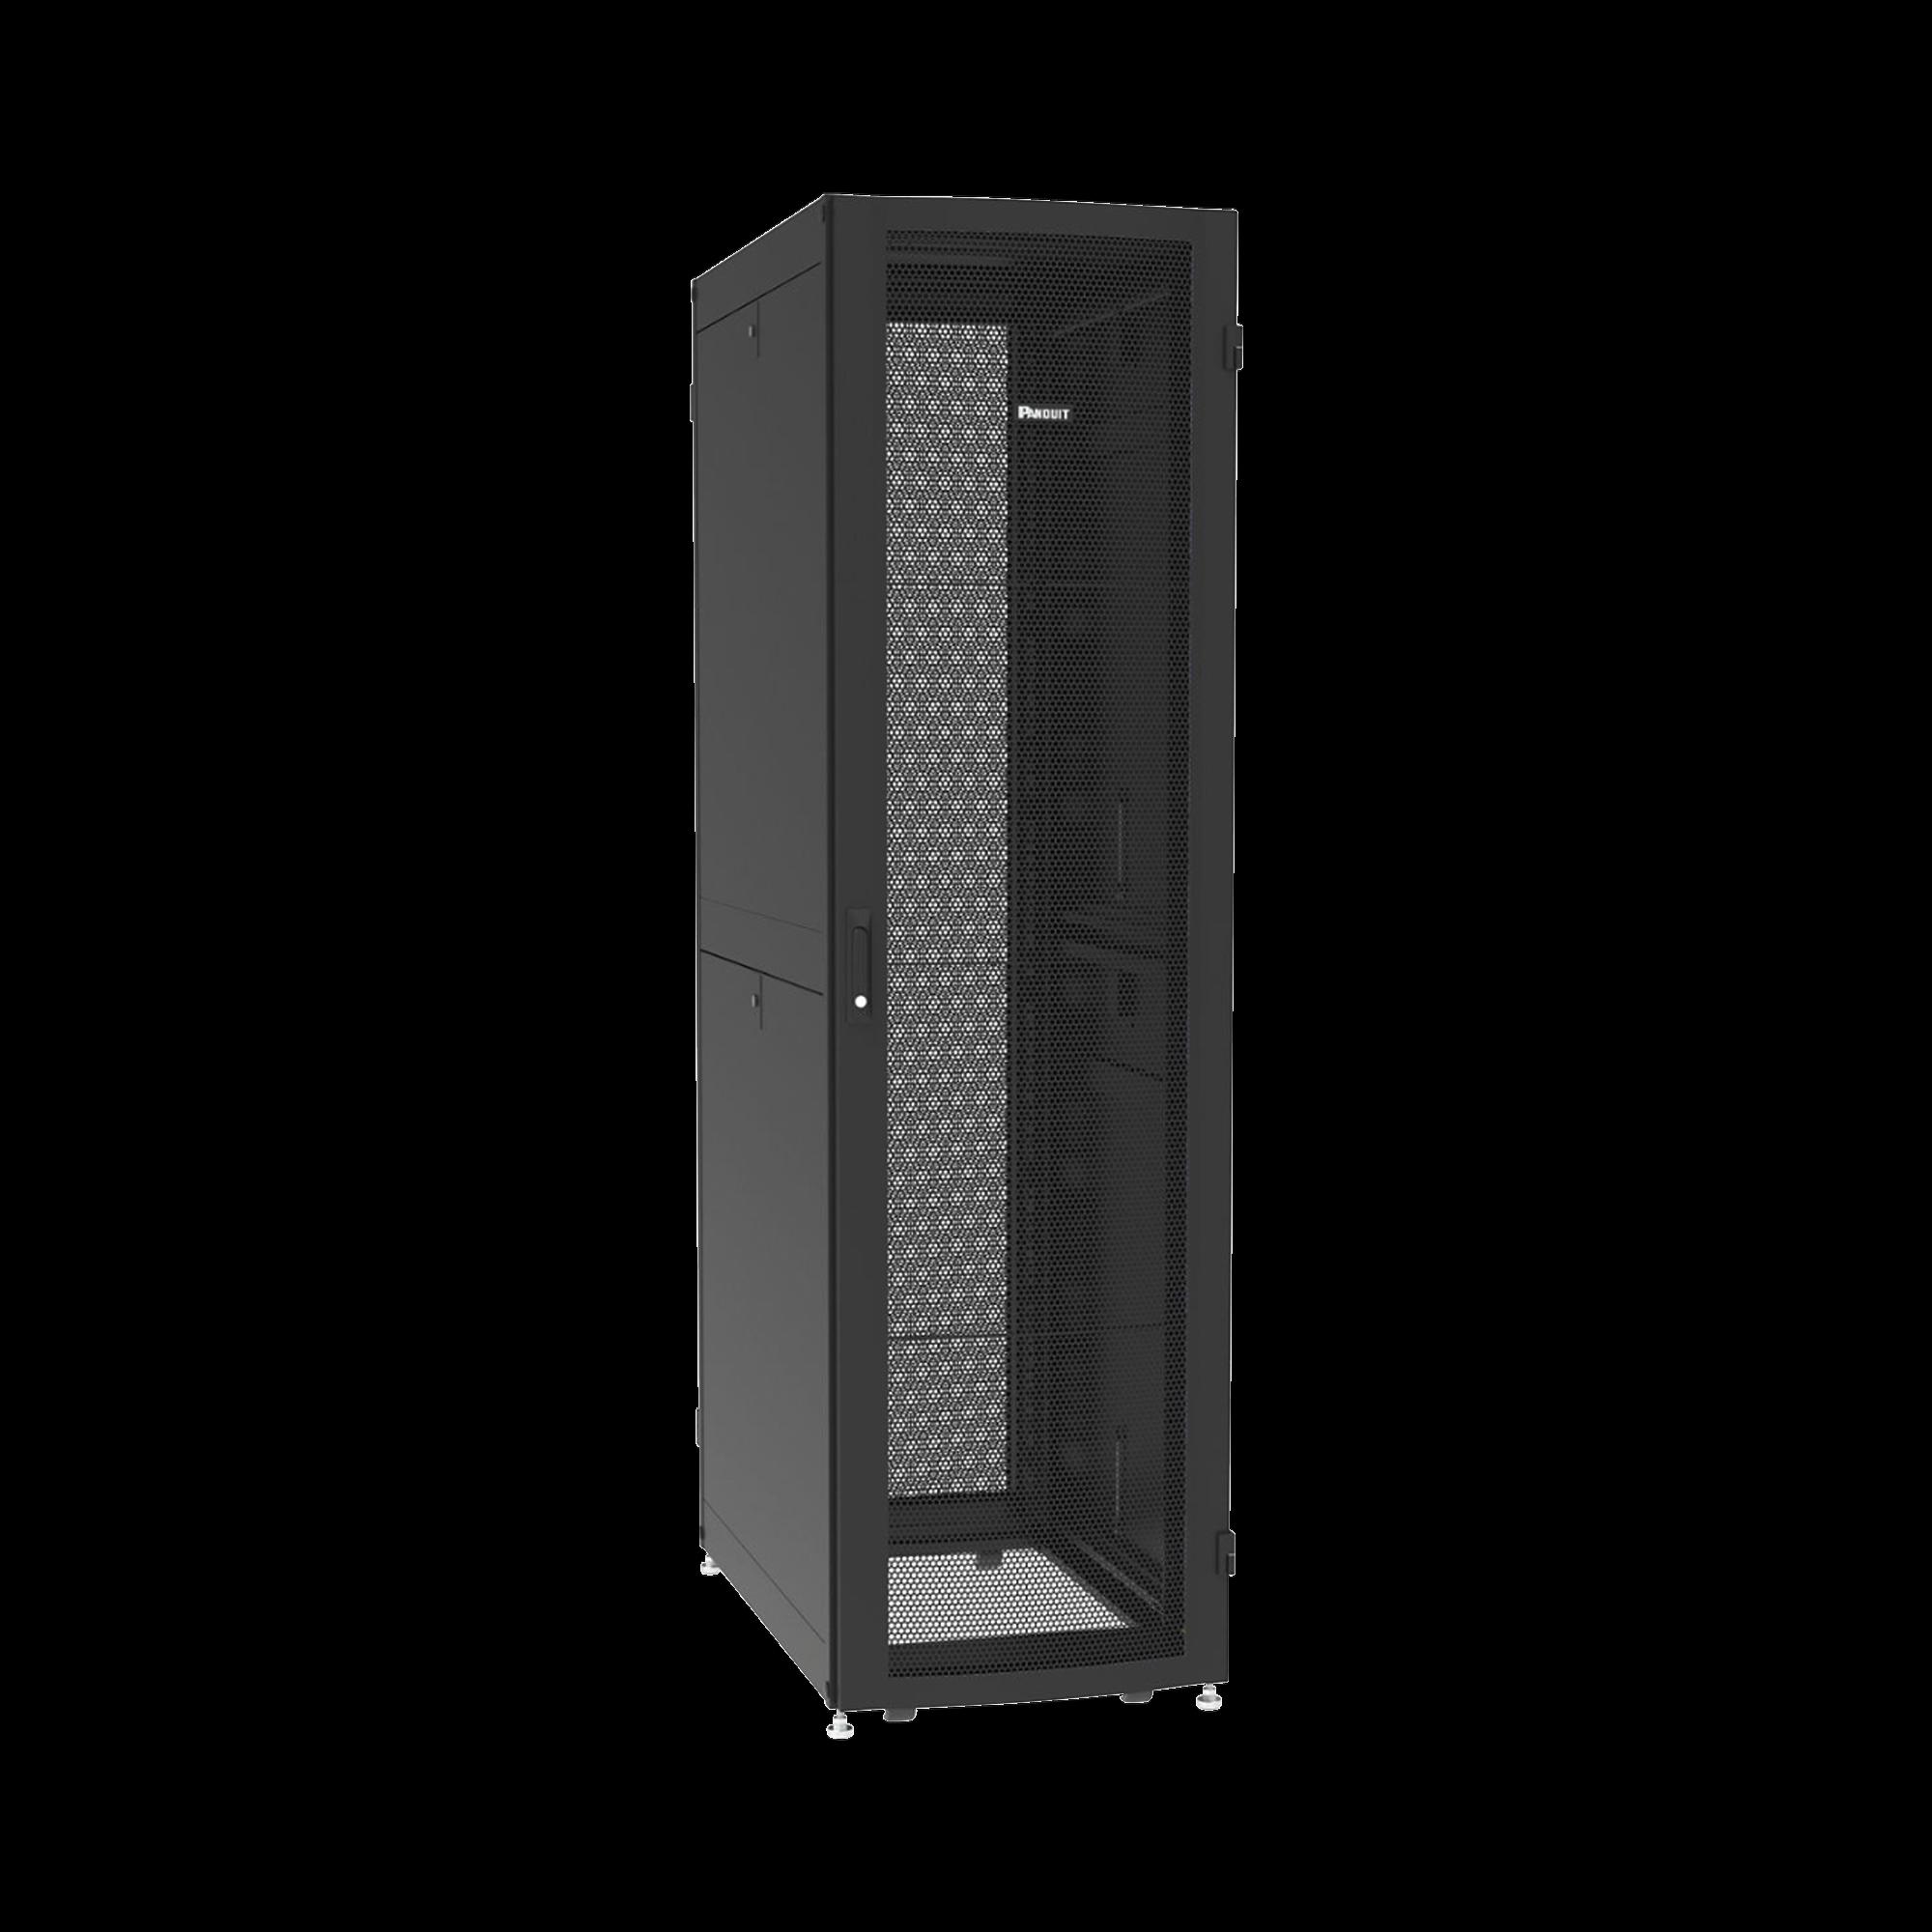 Gabinete Net-Verse para Centros de Datos, 42UR, 600mm de Ancho, 1000mm de Profundidad, Fabricado en Acero, Color Negro